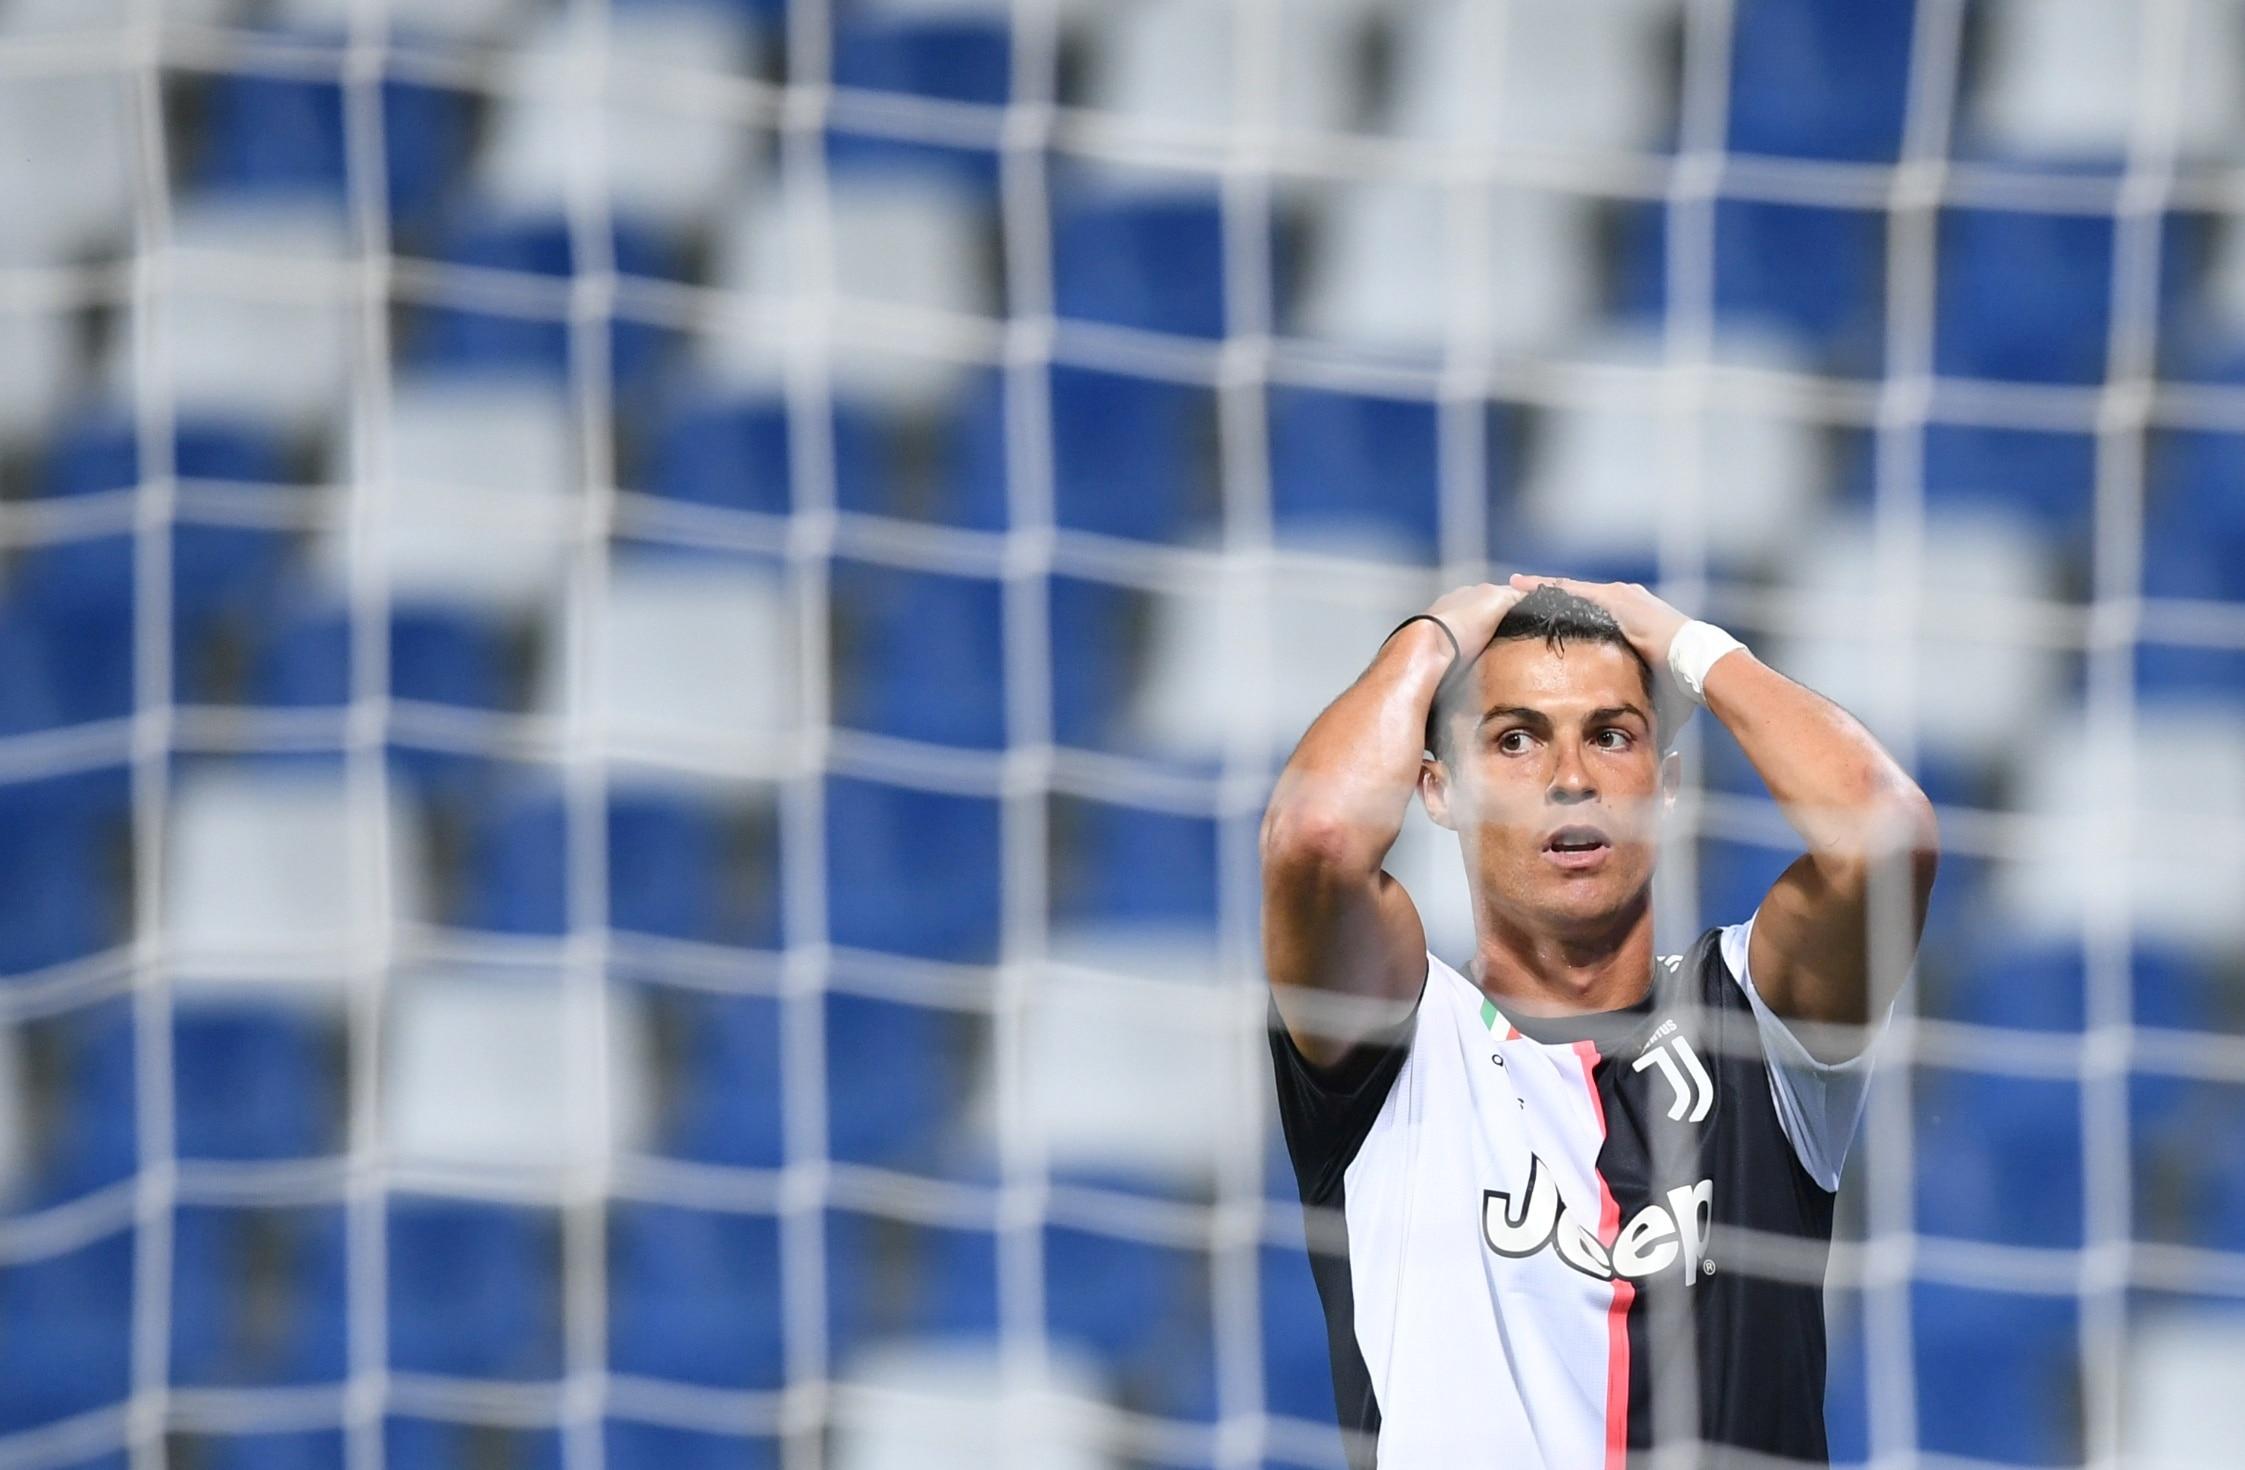 En un partido lleno de goles, Juventus empató 3-3 ante el Sassuolo y la Serie A sigue abierta - Infobae